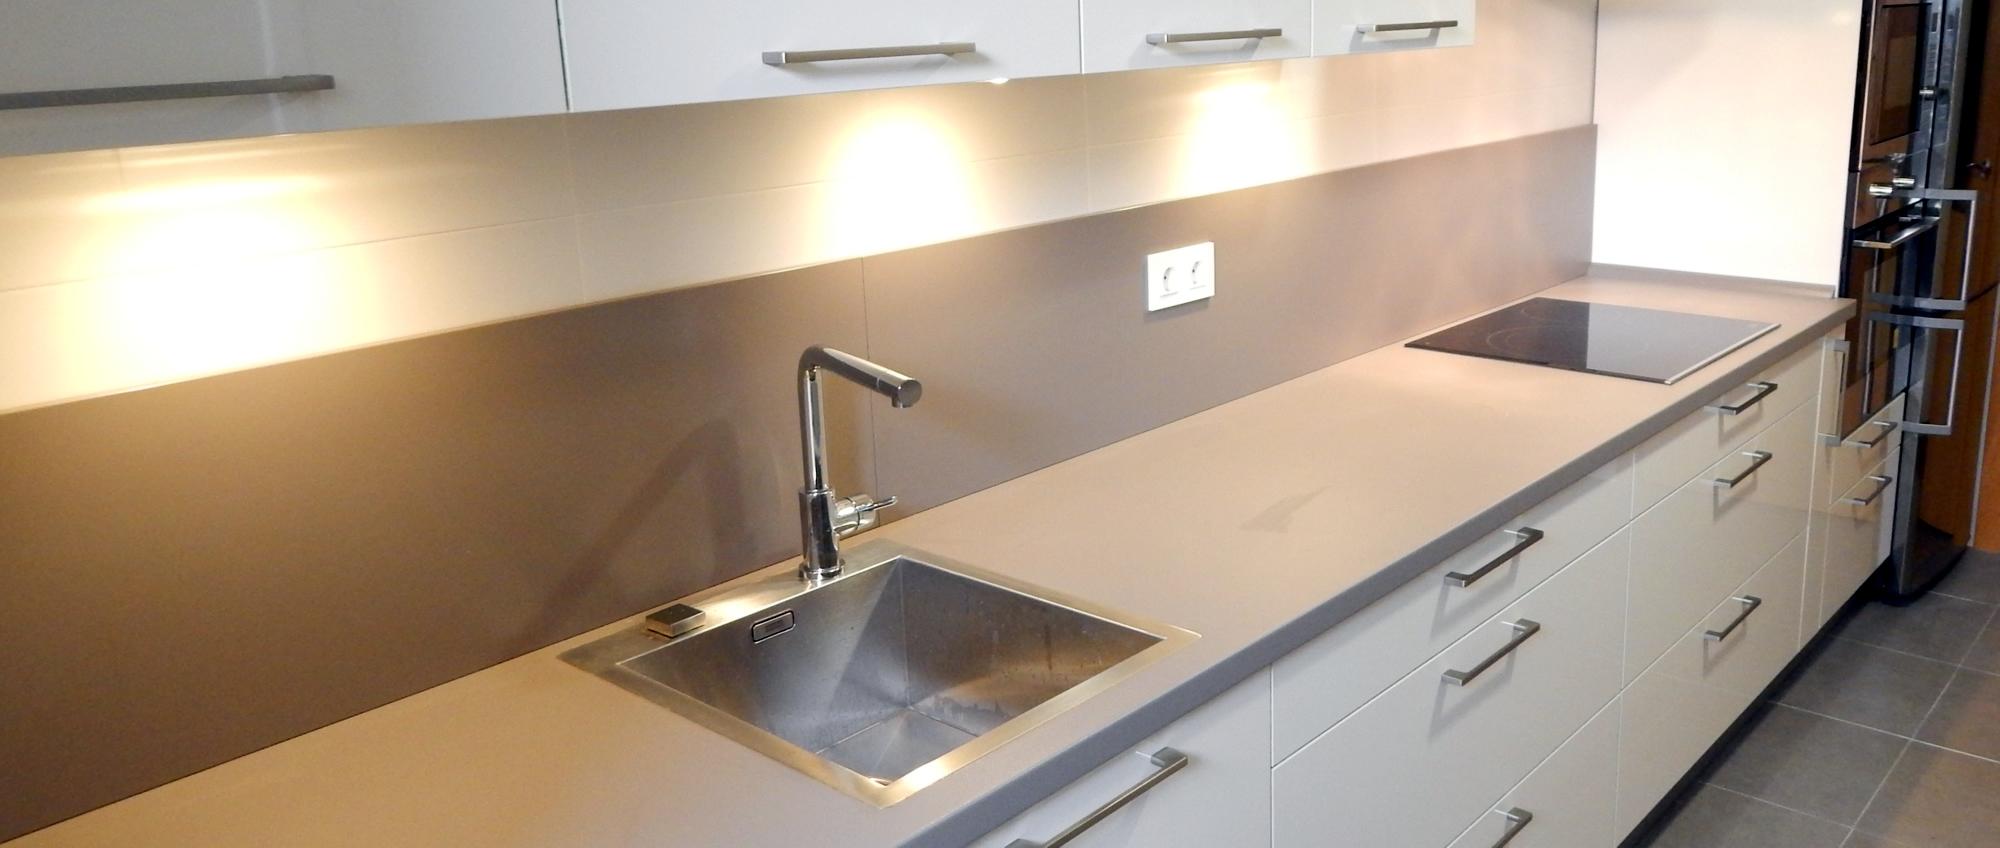 Muebles de cocina magnolia alto brillo for Muebles de cocina y encimeras